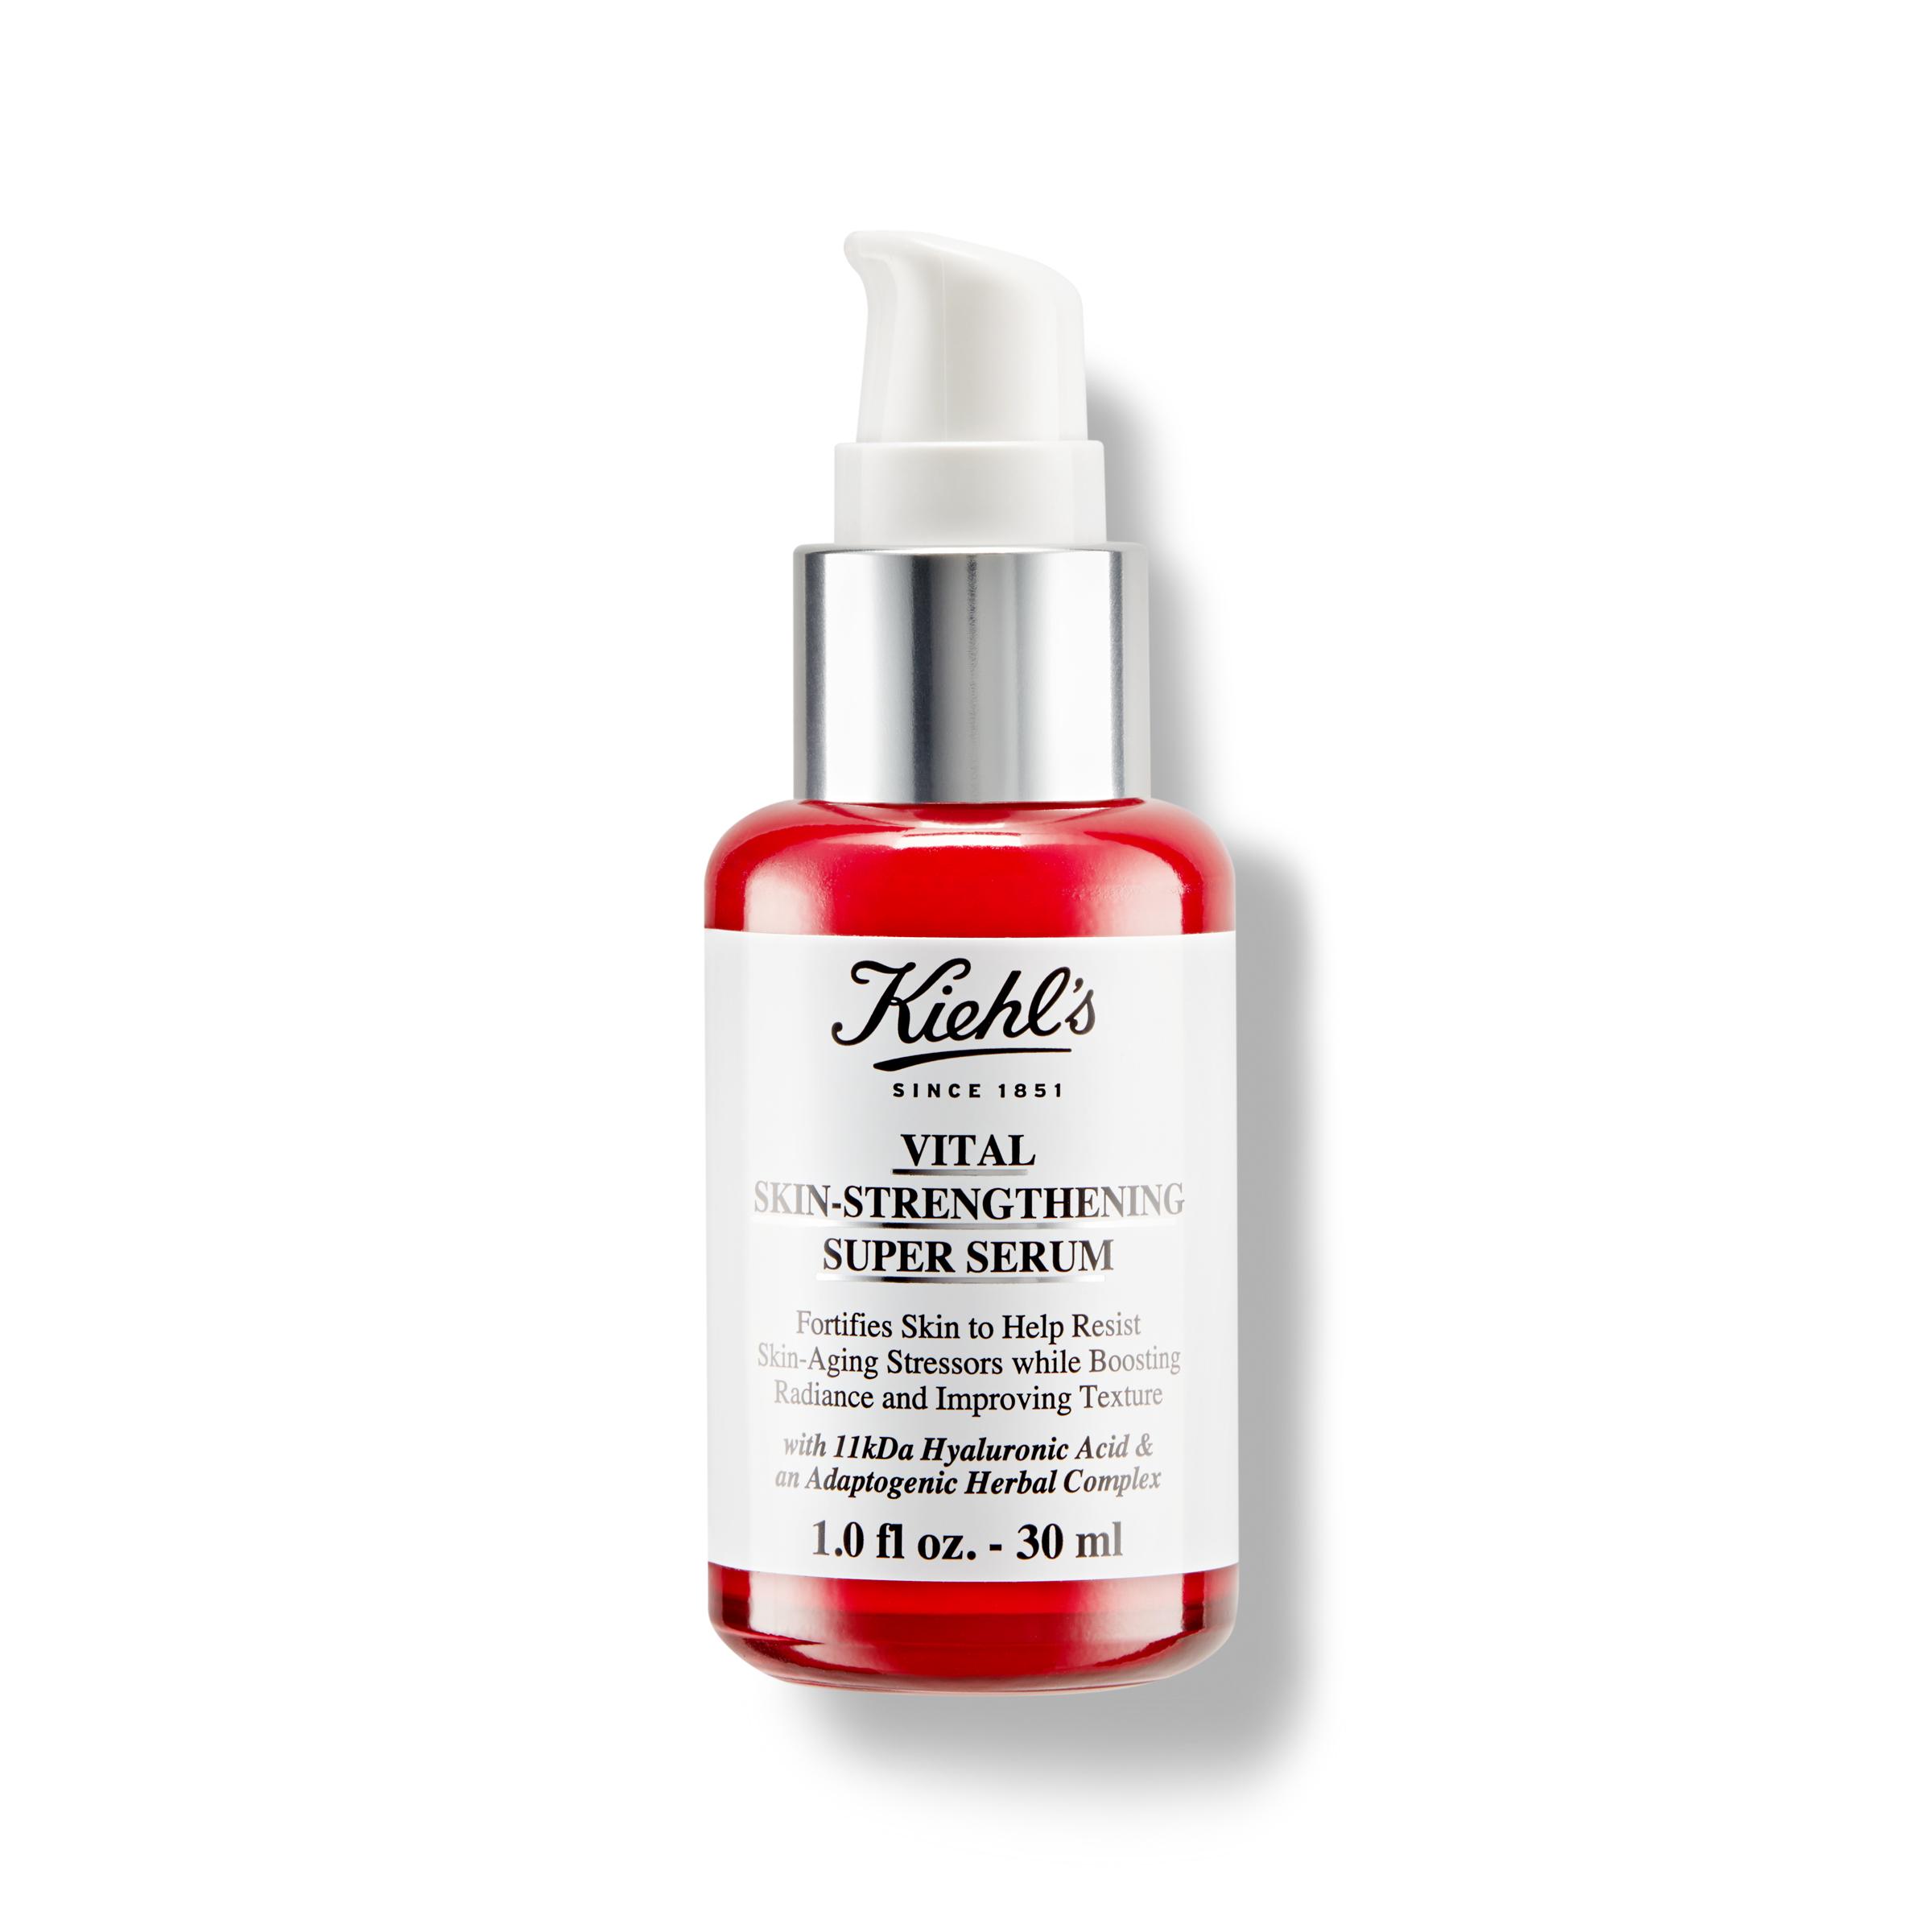 Супер-сироватка, що посилює захисні властивості шкіри обличчя Vital Skin-Strengthening Super Serum